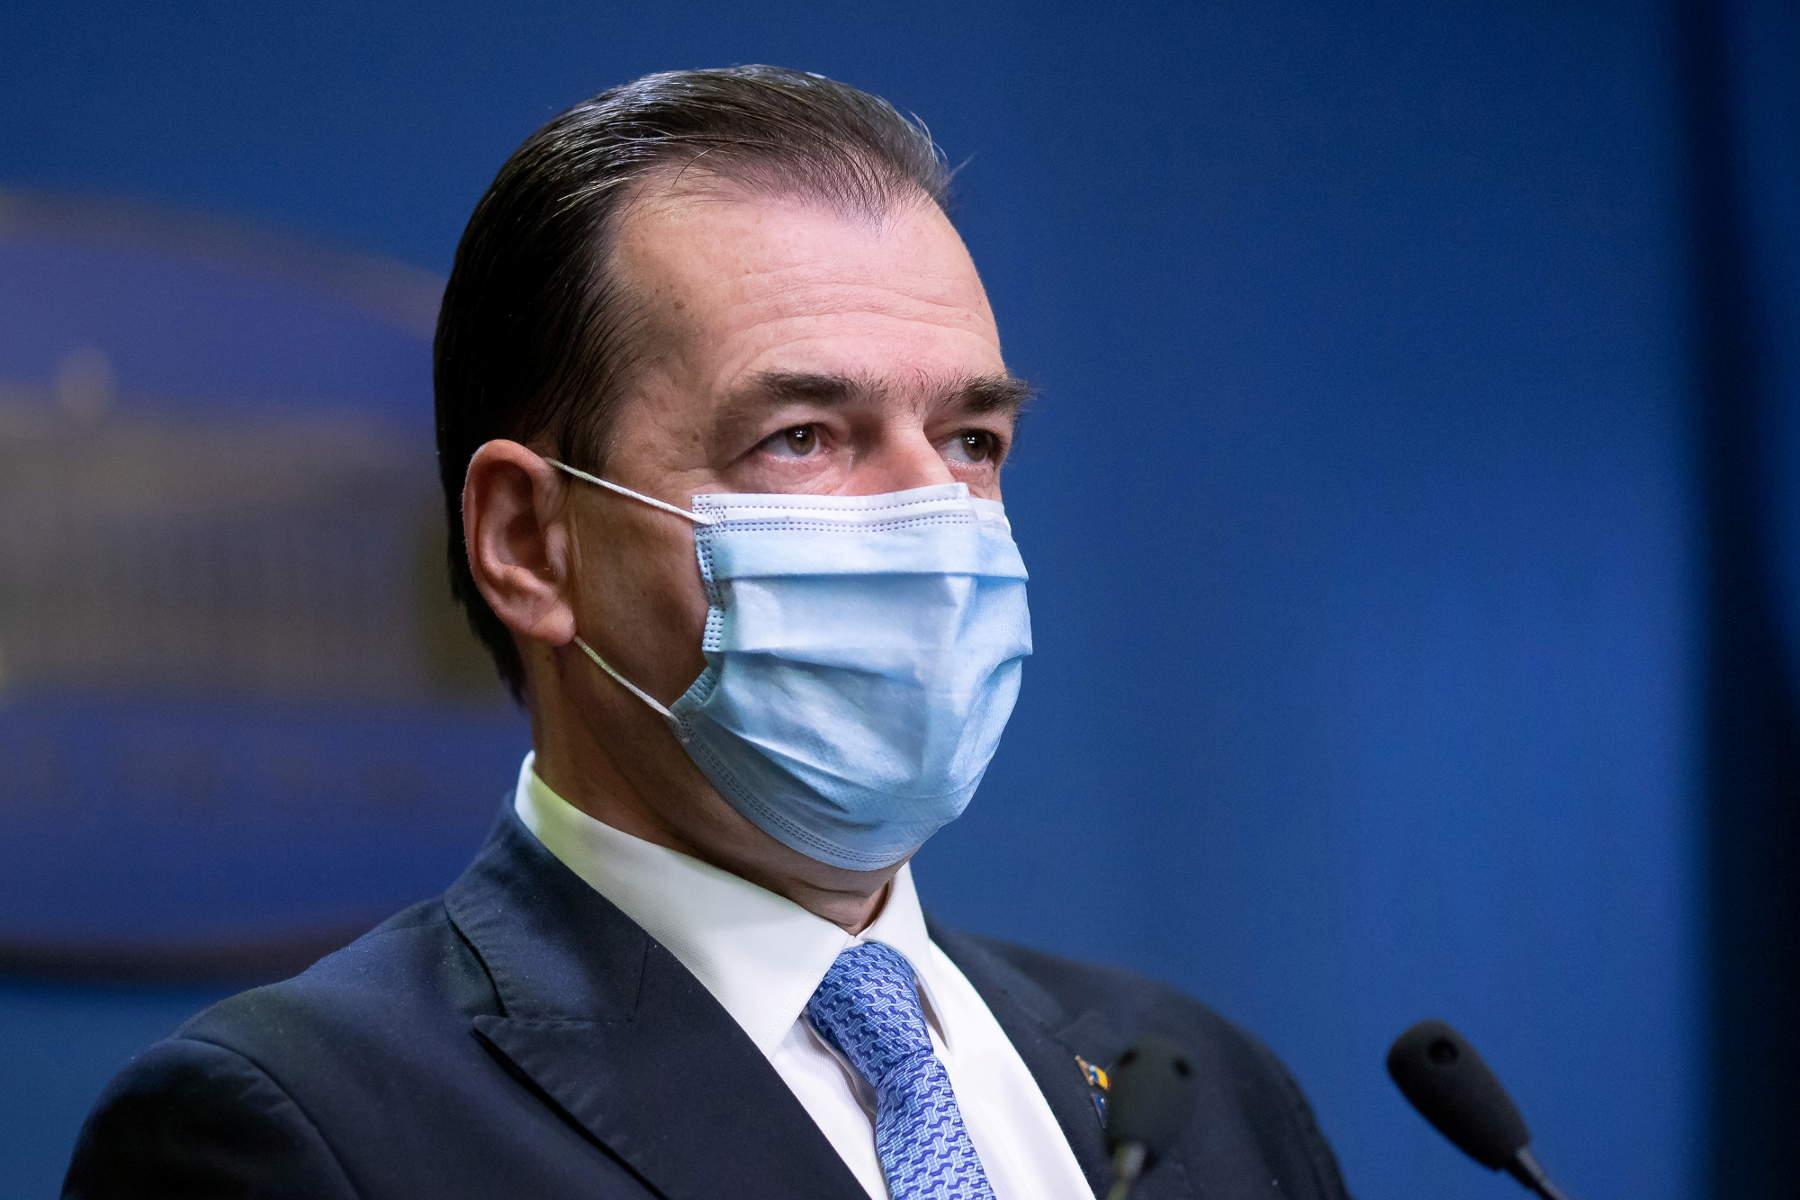 Ρουμανία: Ο πρωθυπουργός Όρμπαν παραιτήθηκε μετά την ήττα στις εκλογές